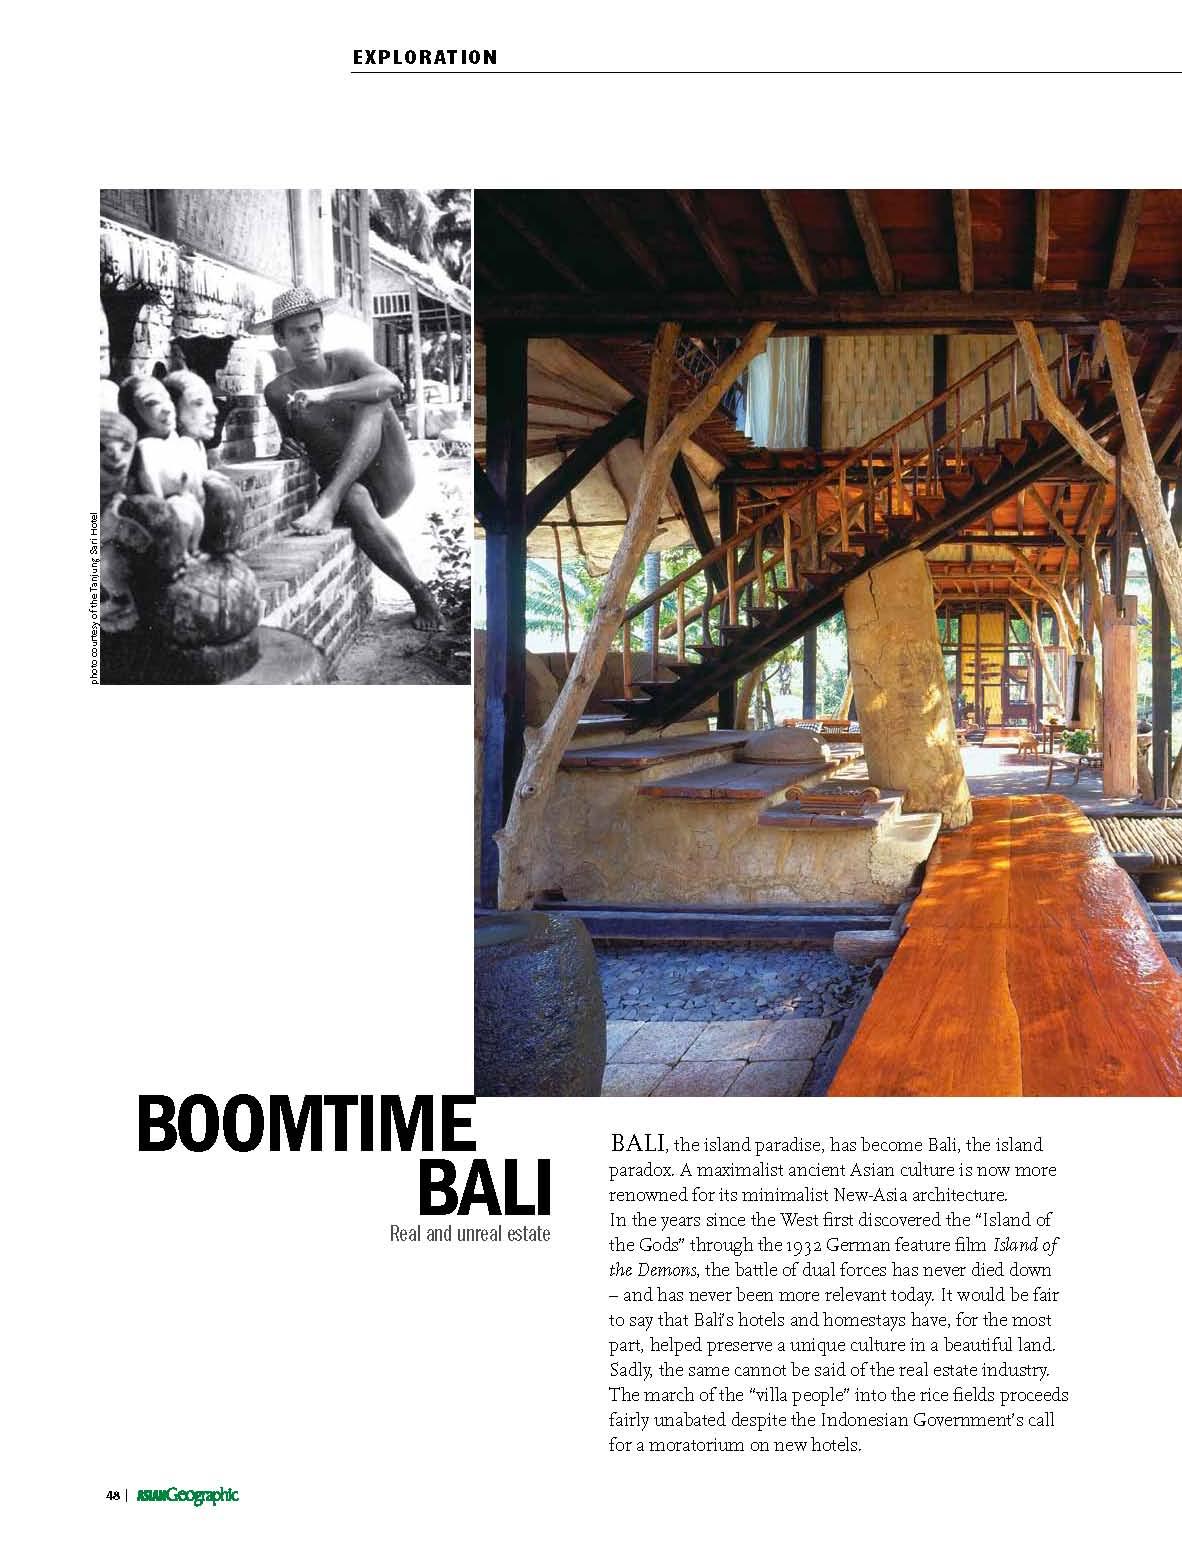 Artikel Tentang Bali Real